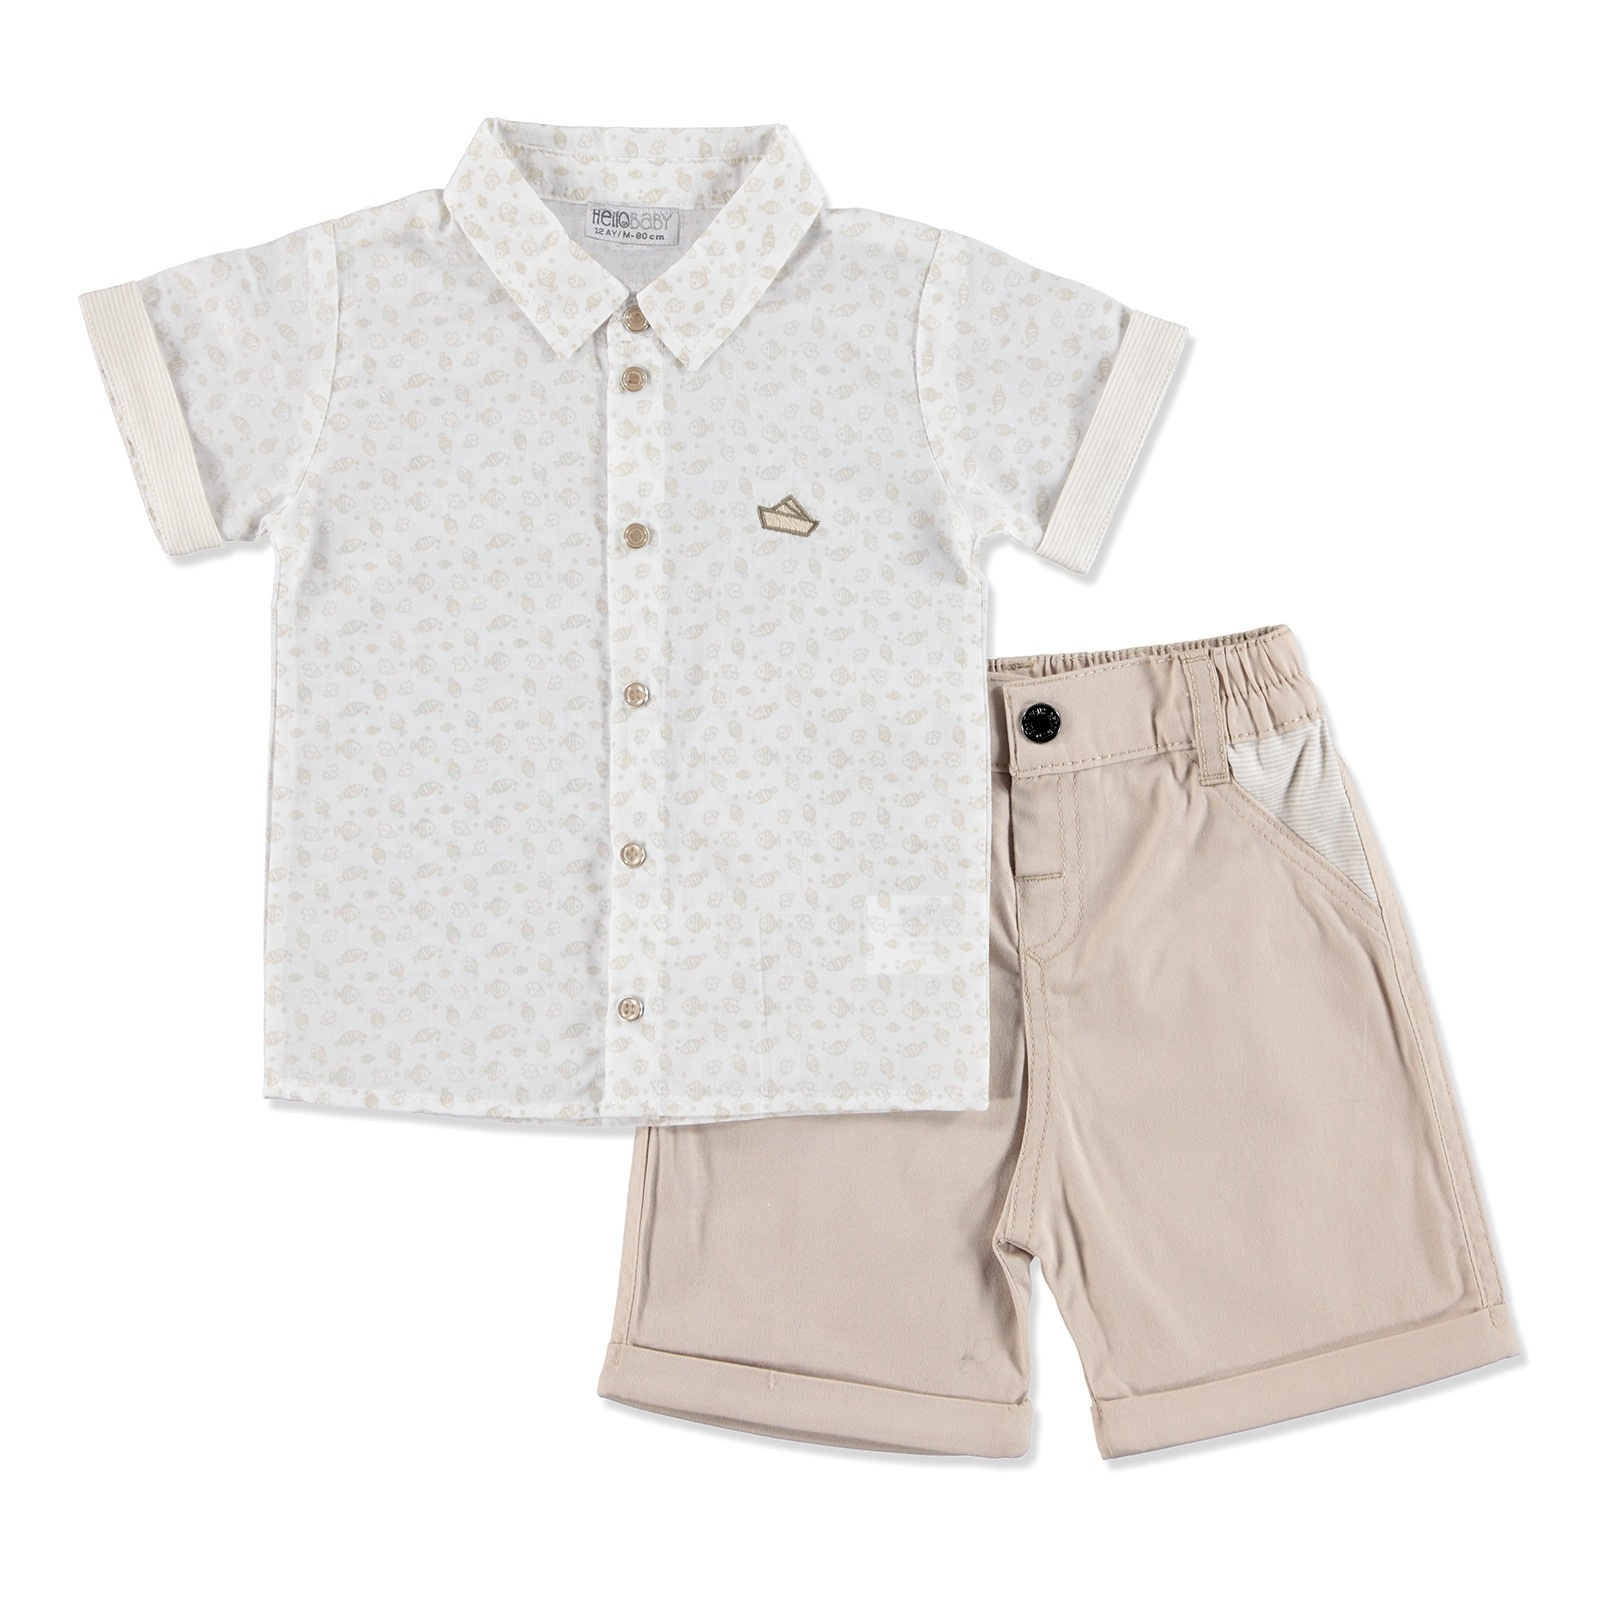 Ebebek HelloBaby Summer Baby The Best Sailor Shirt Short Set